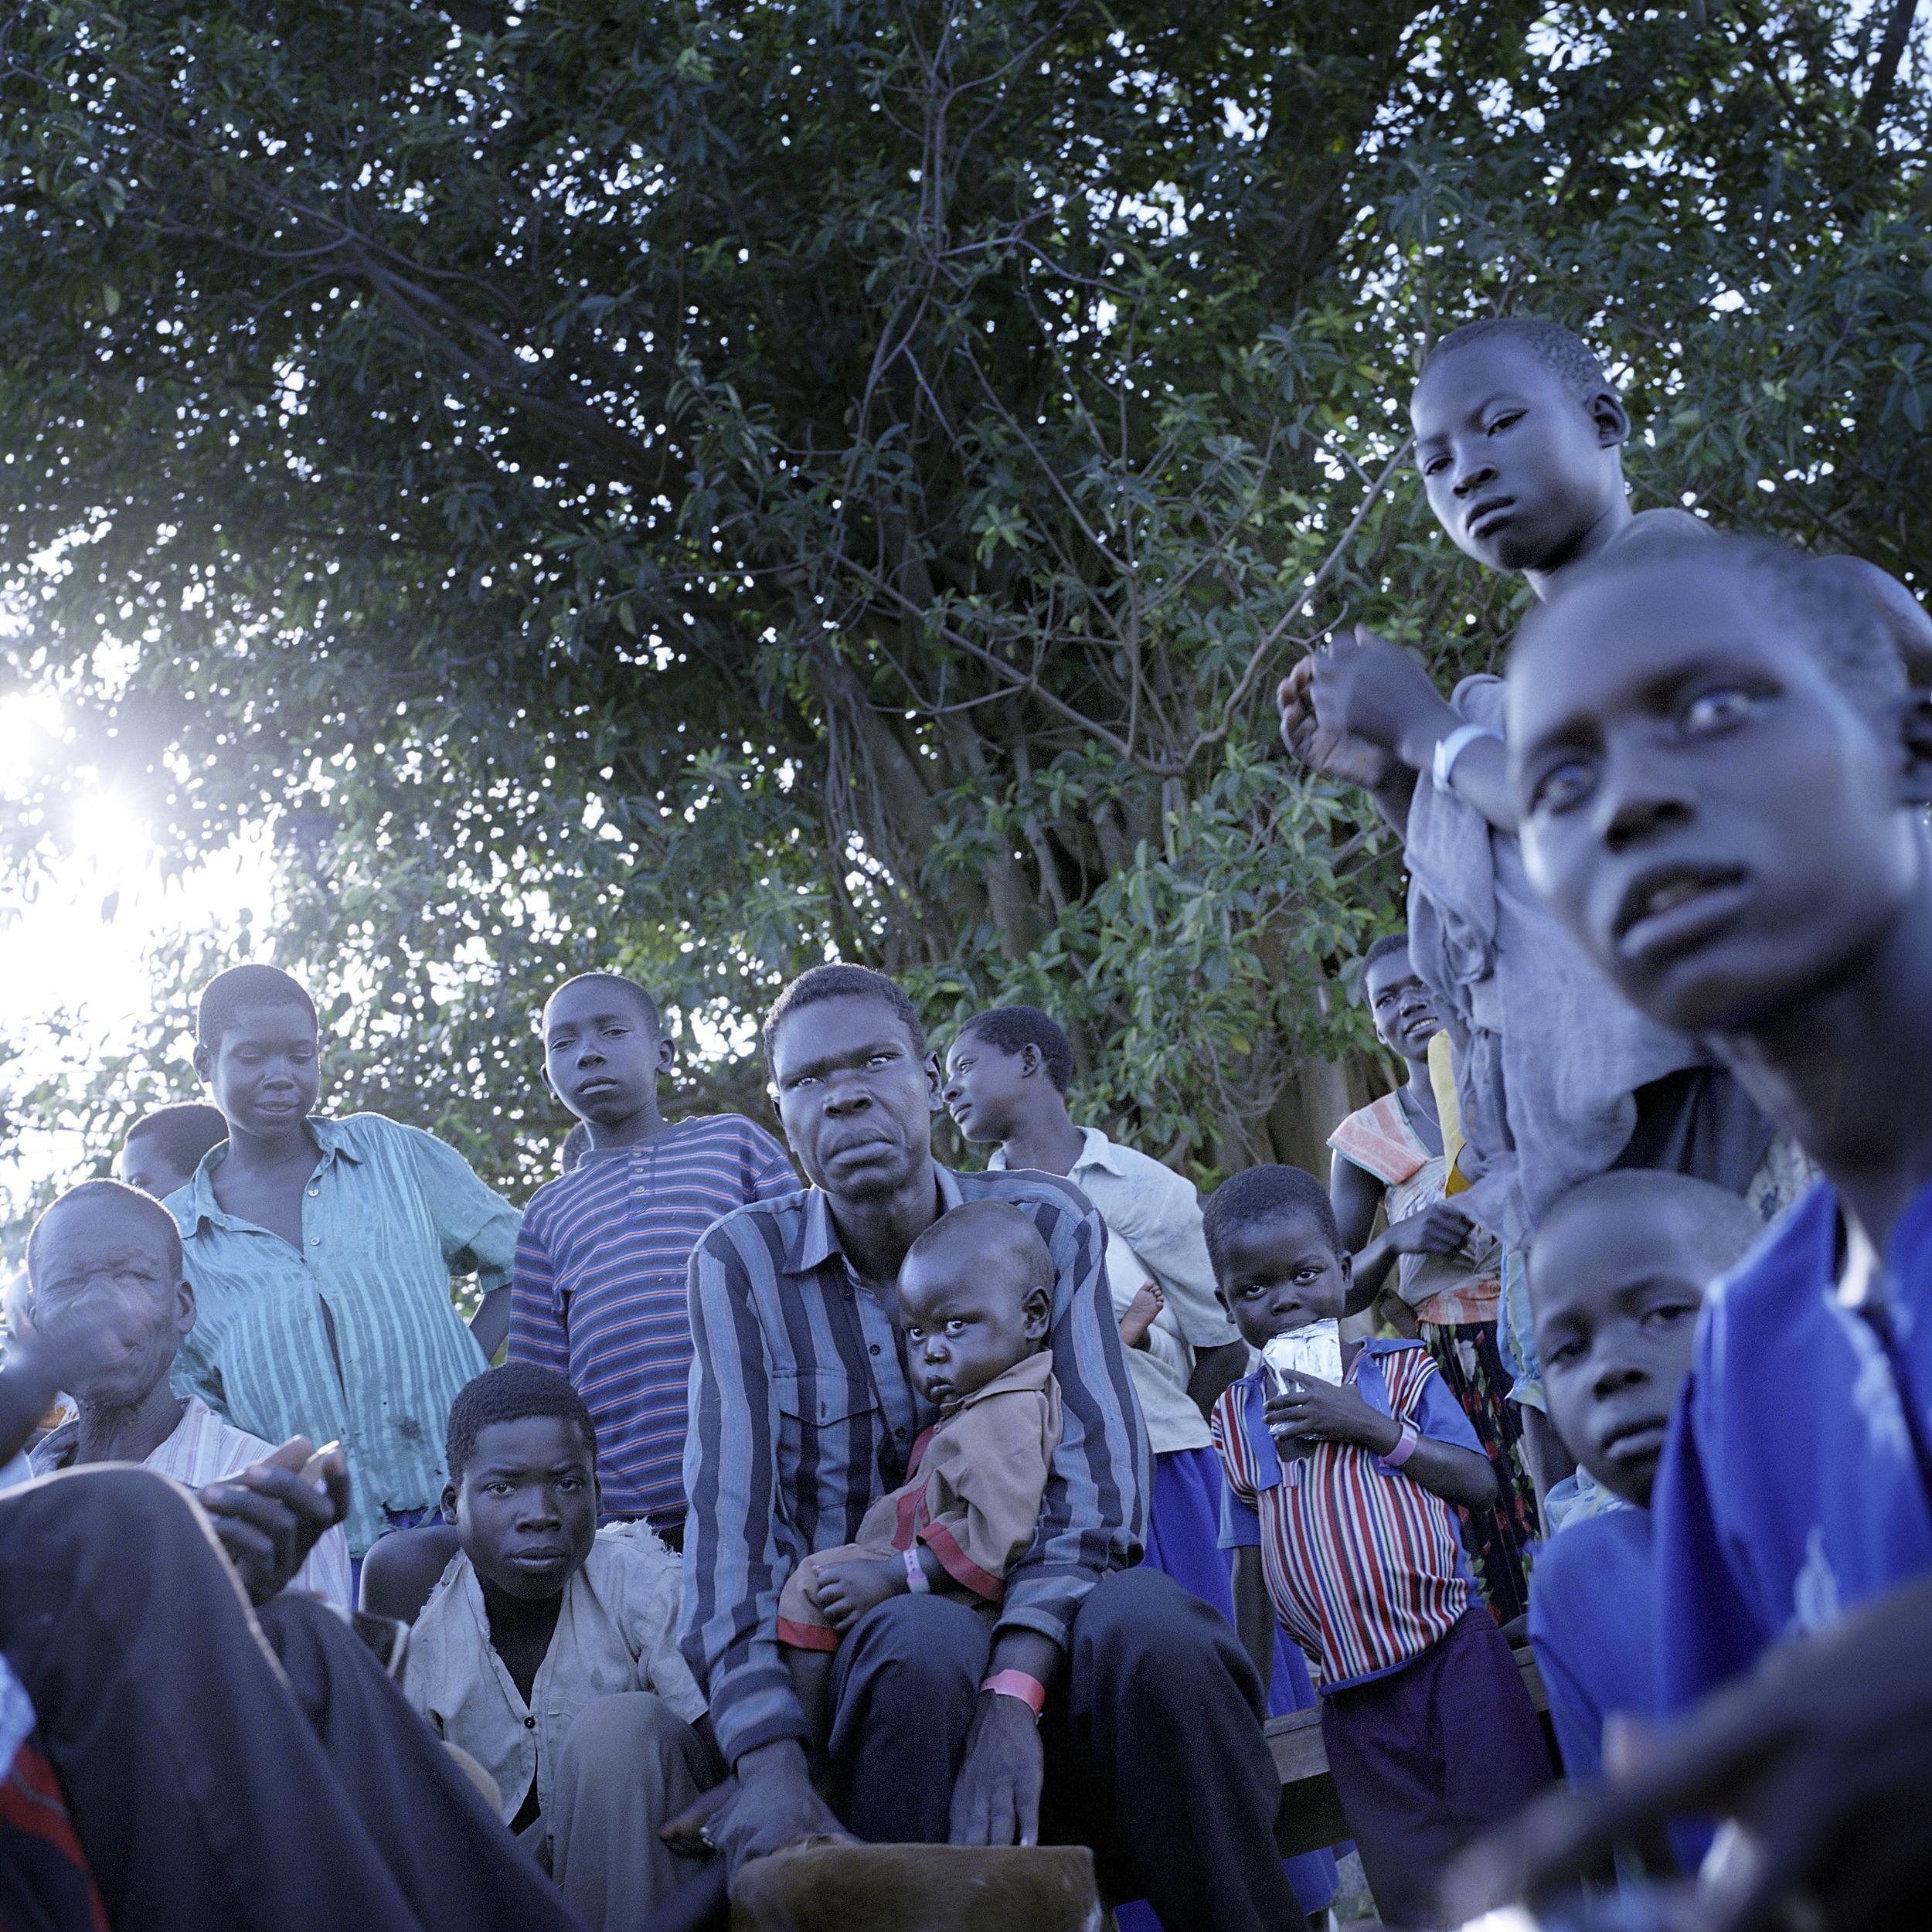 Uganda, Lira